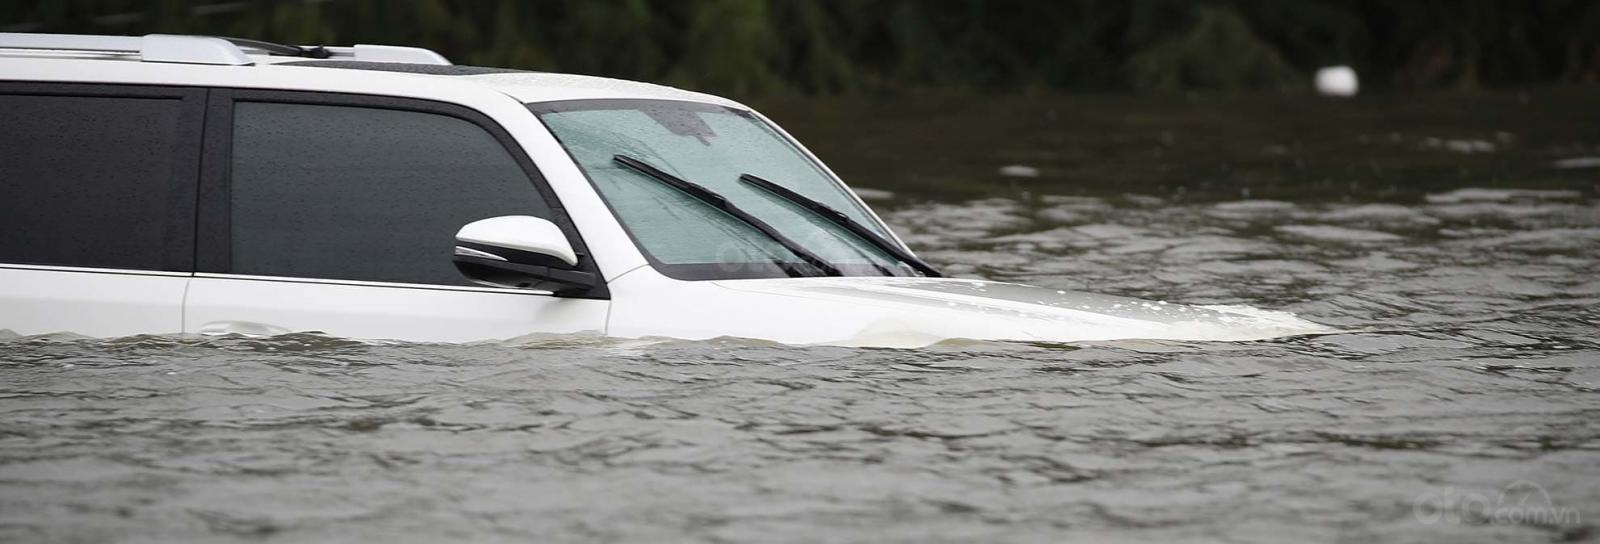 Xác định mức nước ngập là một trong các kinh nghiệm khi xe ô tô bị ngập nước